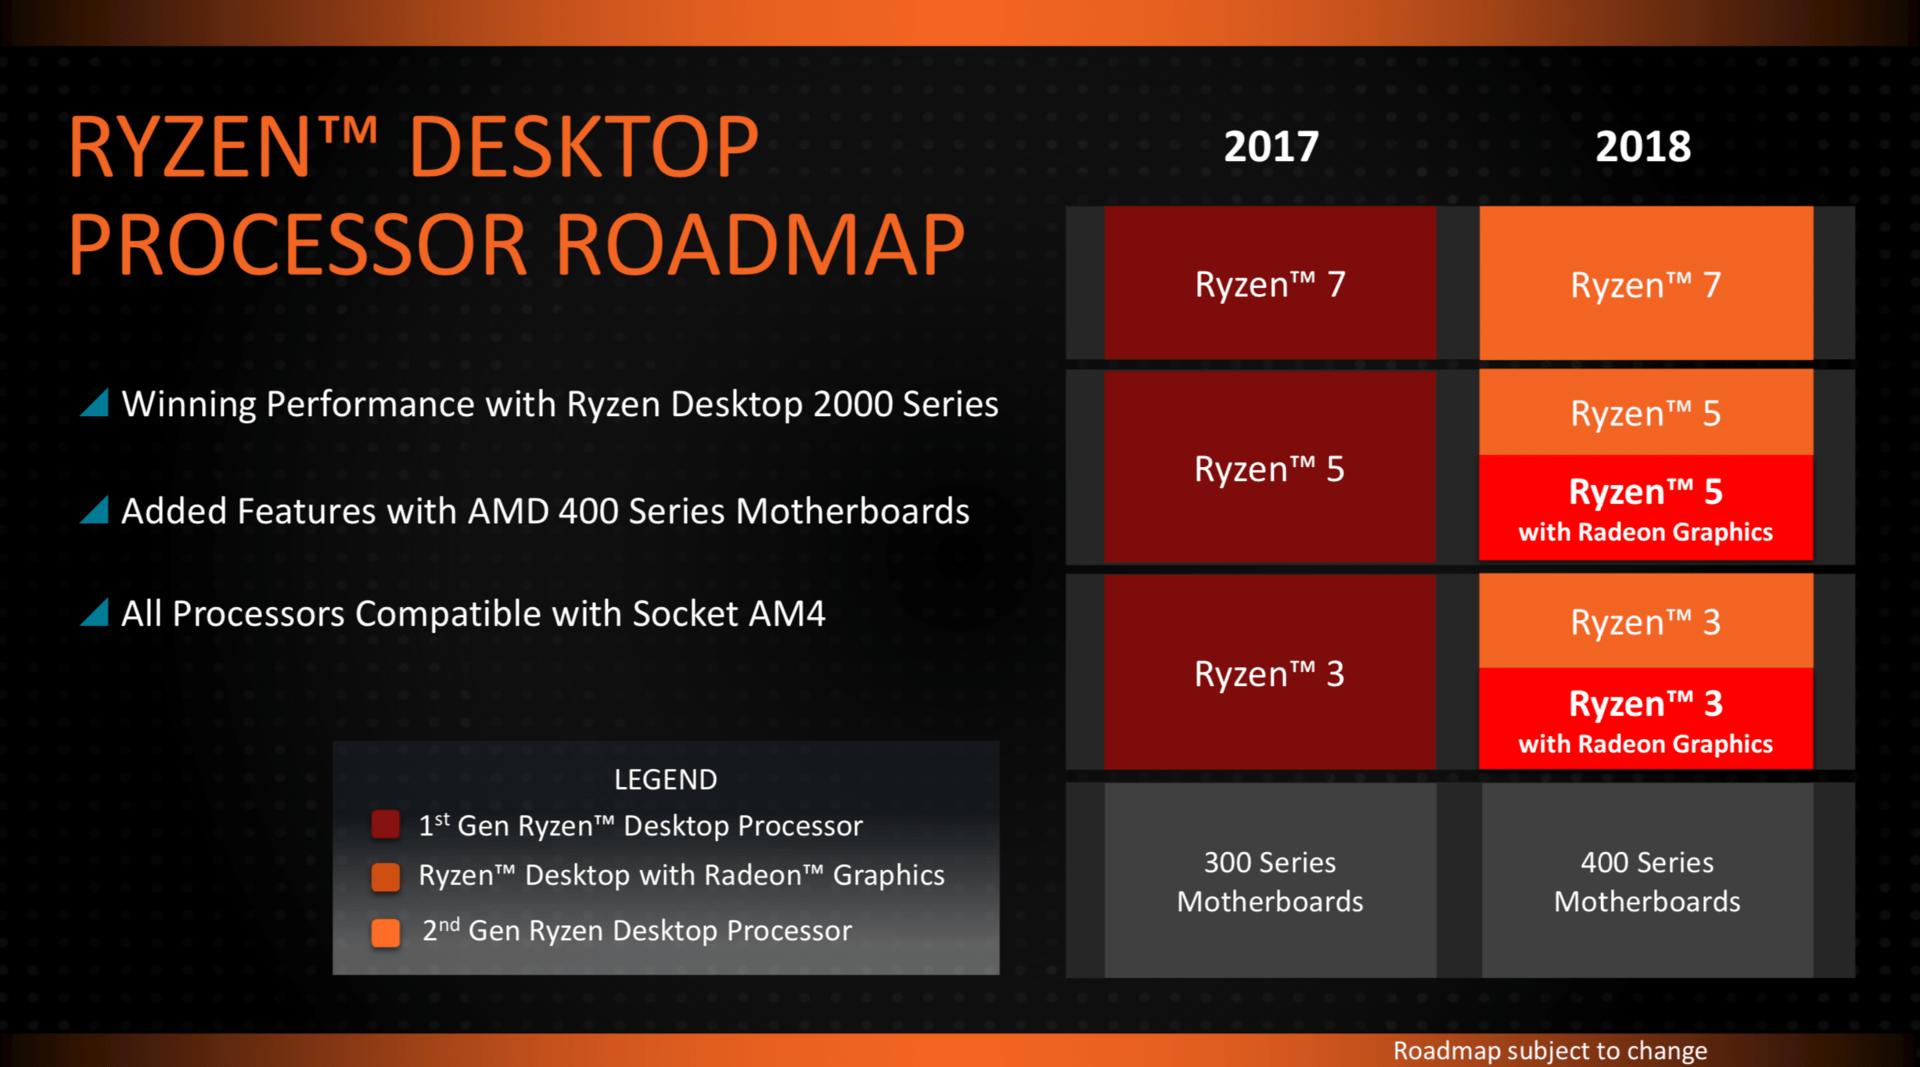 Die Updates der Ryzen-Plattform für 2018